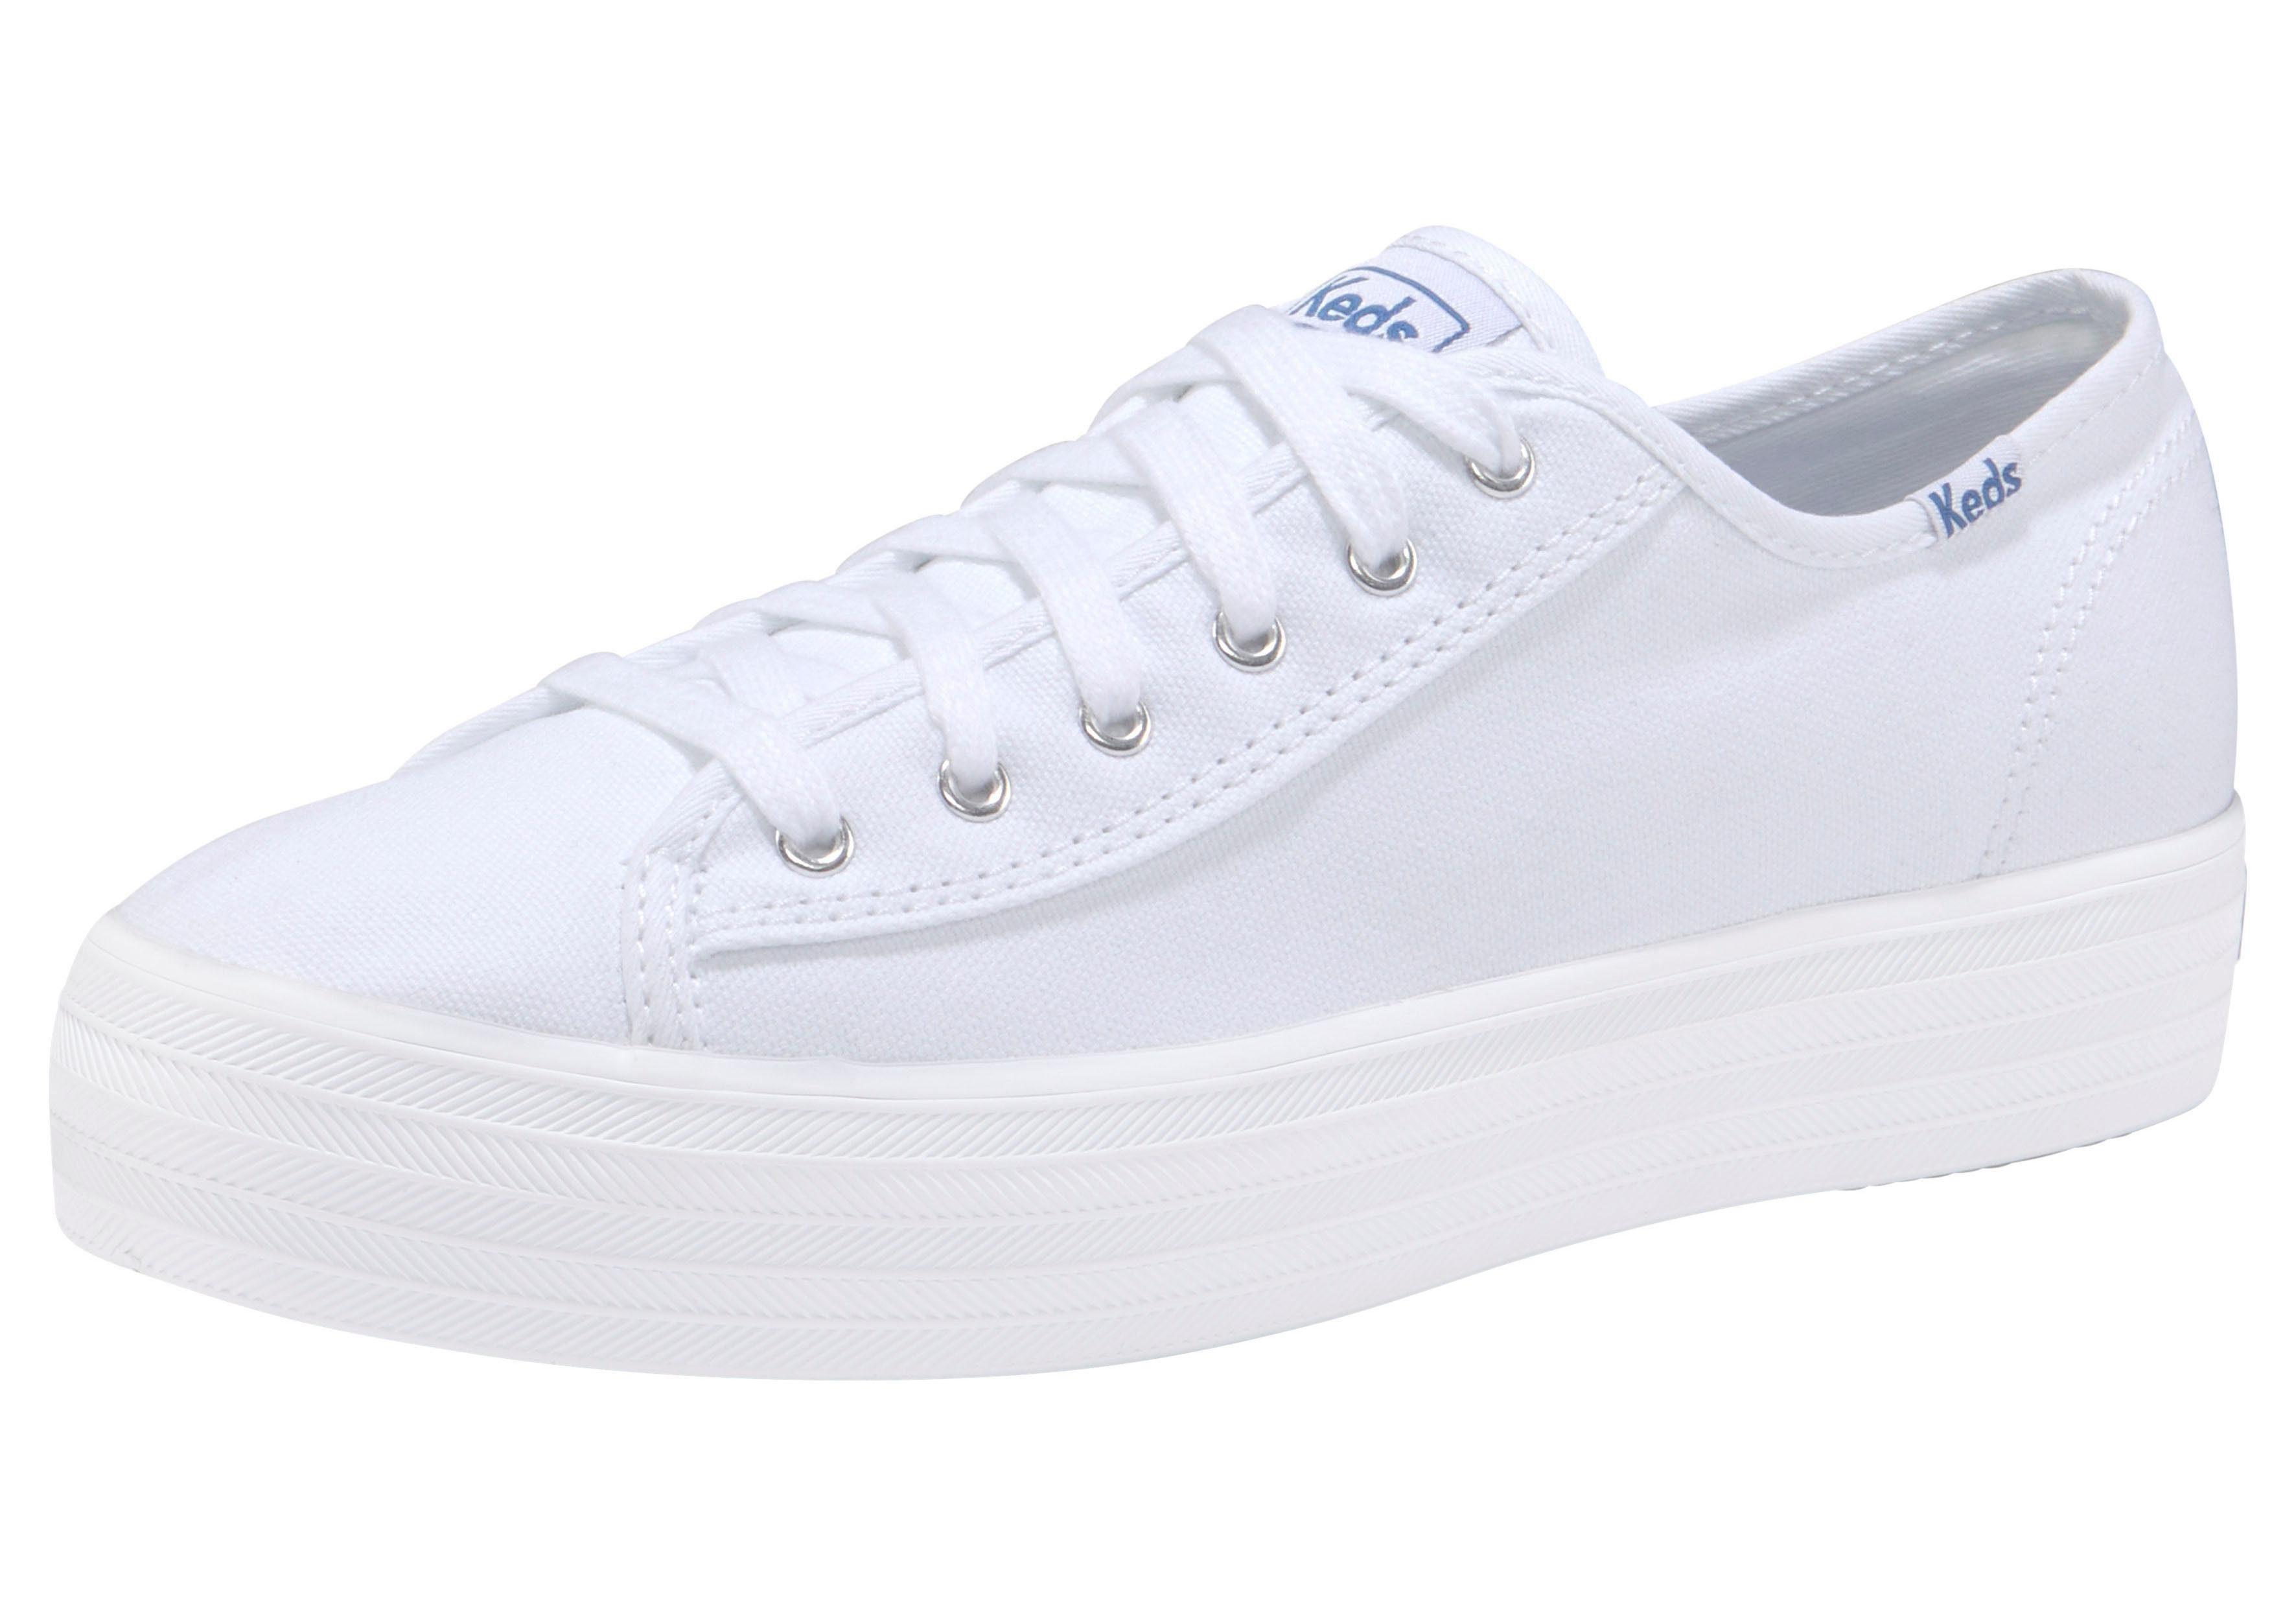 Keds »Triple Kick Canvas« Sneaker, Leichter Stoff Sneaker von Keds online kaufen | OTTO